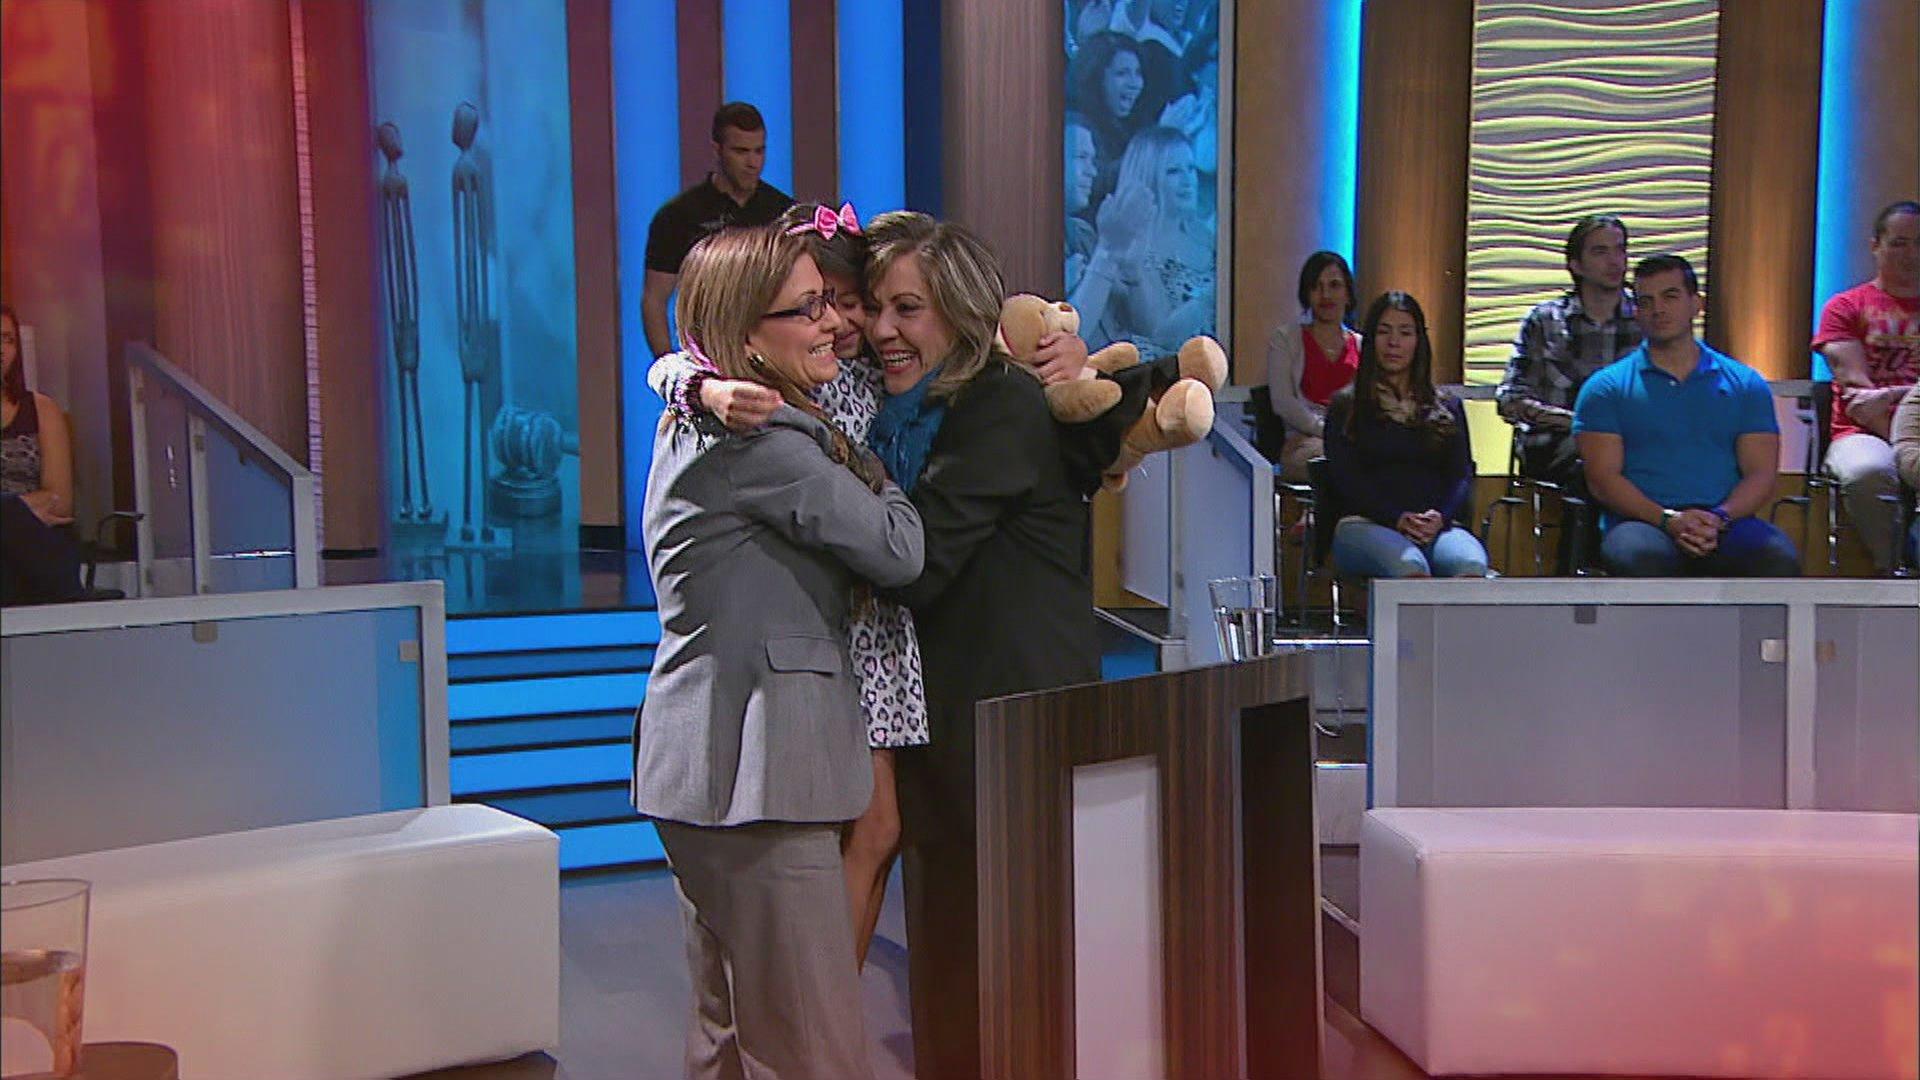 Watch Caso Cerrado Episode: Castigo profundo - NBC.com